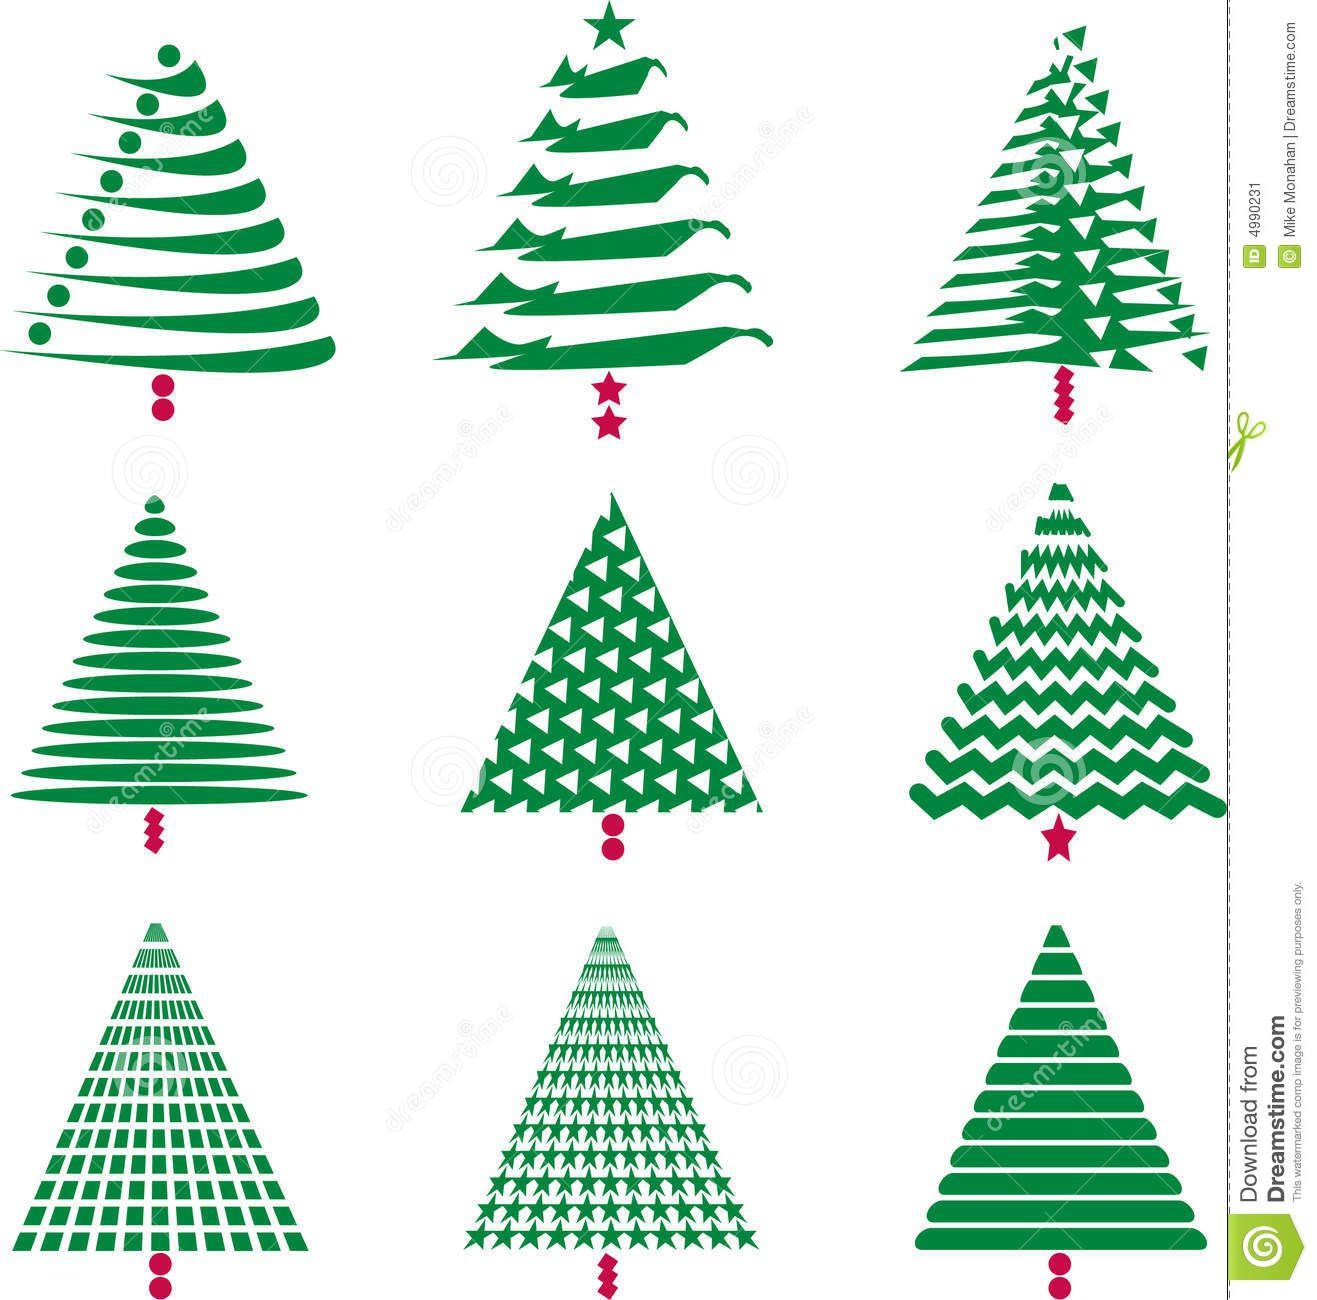 Christmas Designs.Christmas Tree Designs Stock Photography Image 1426442